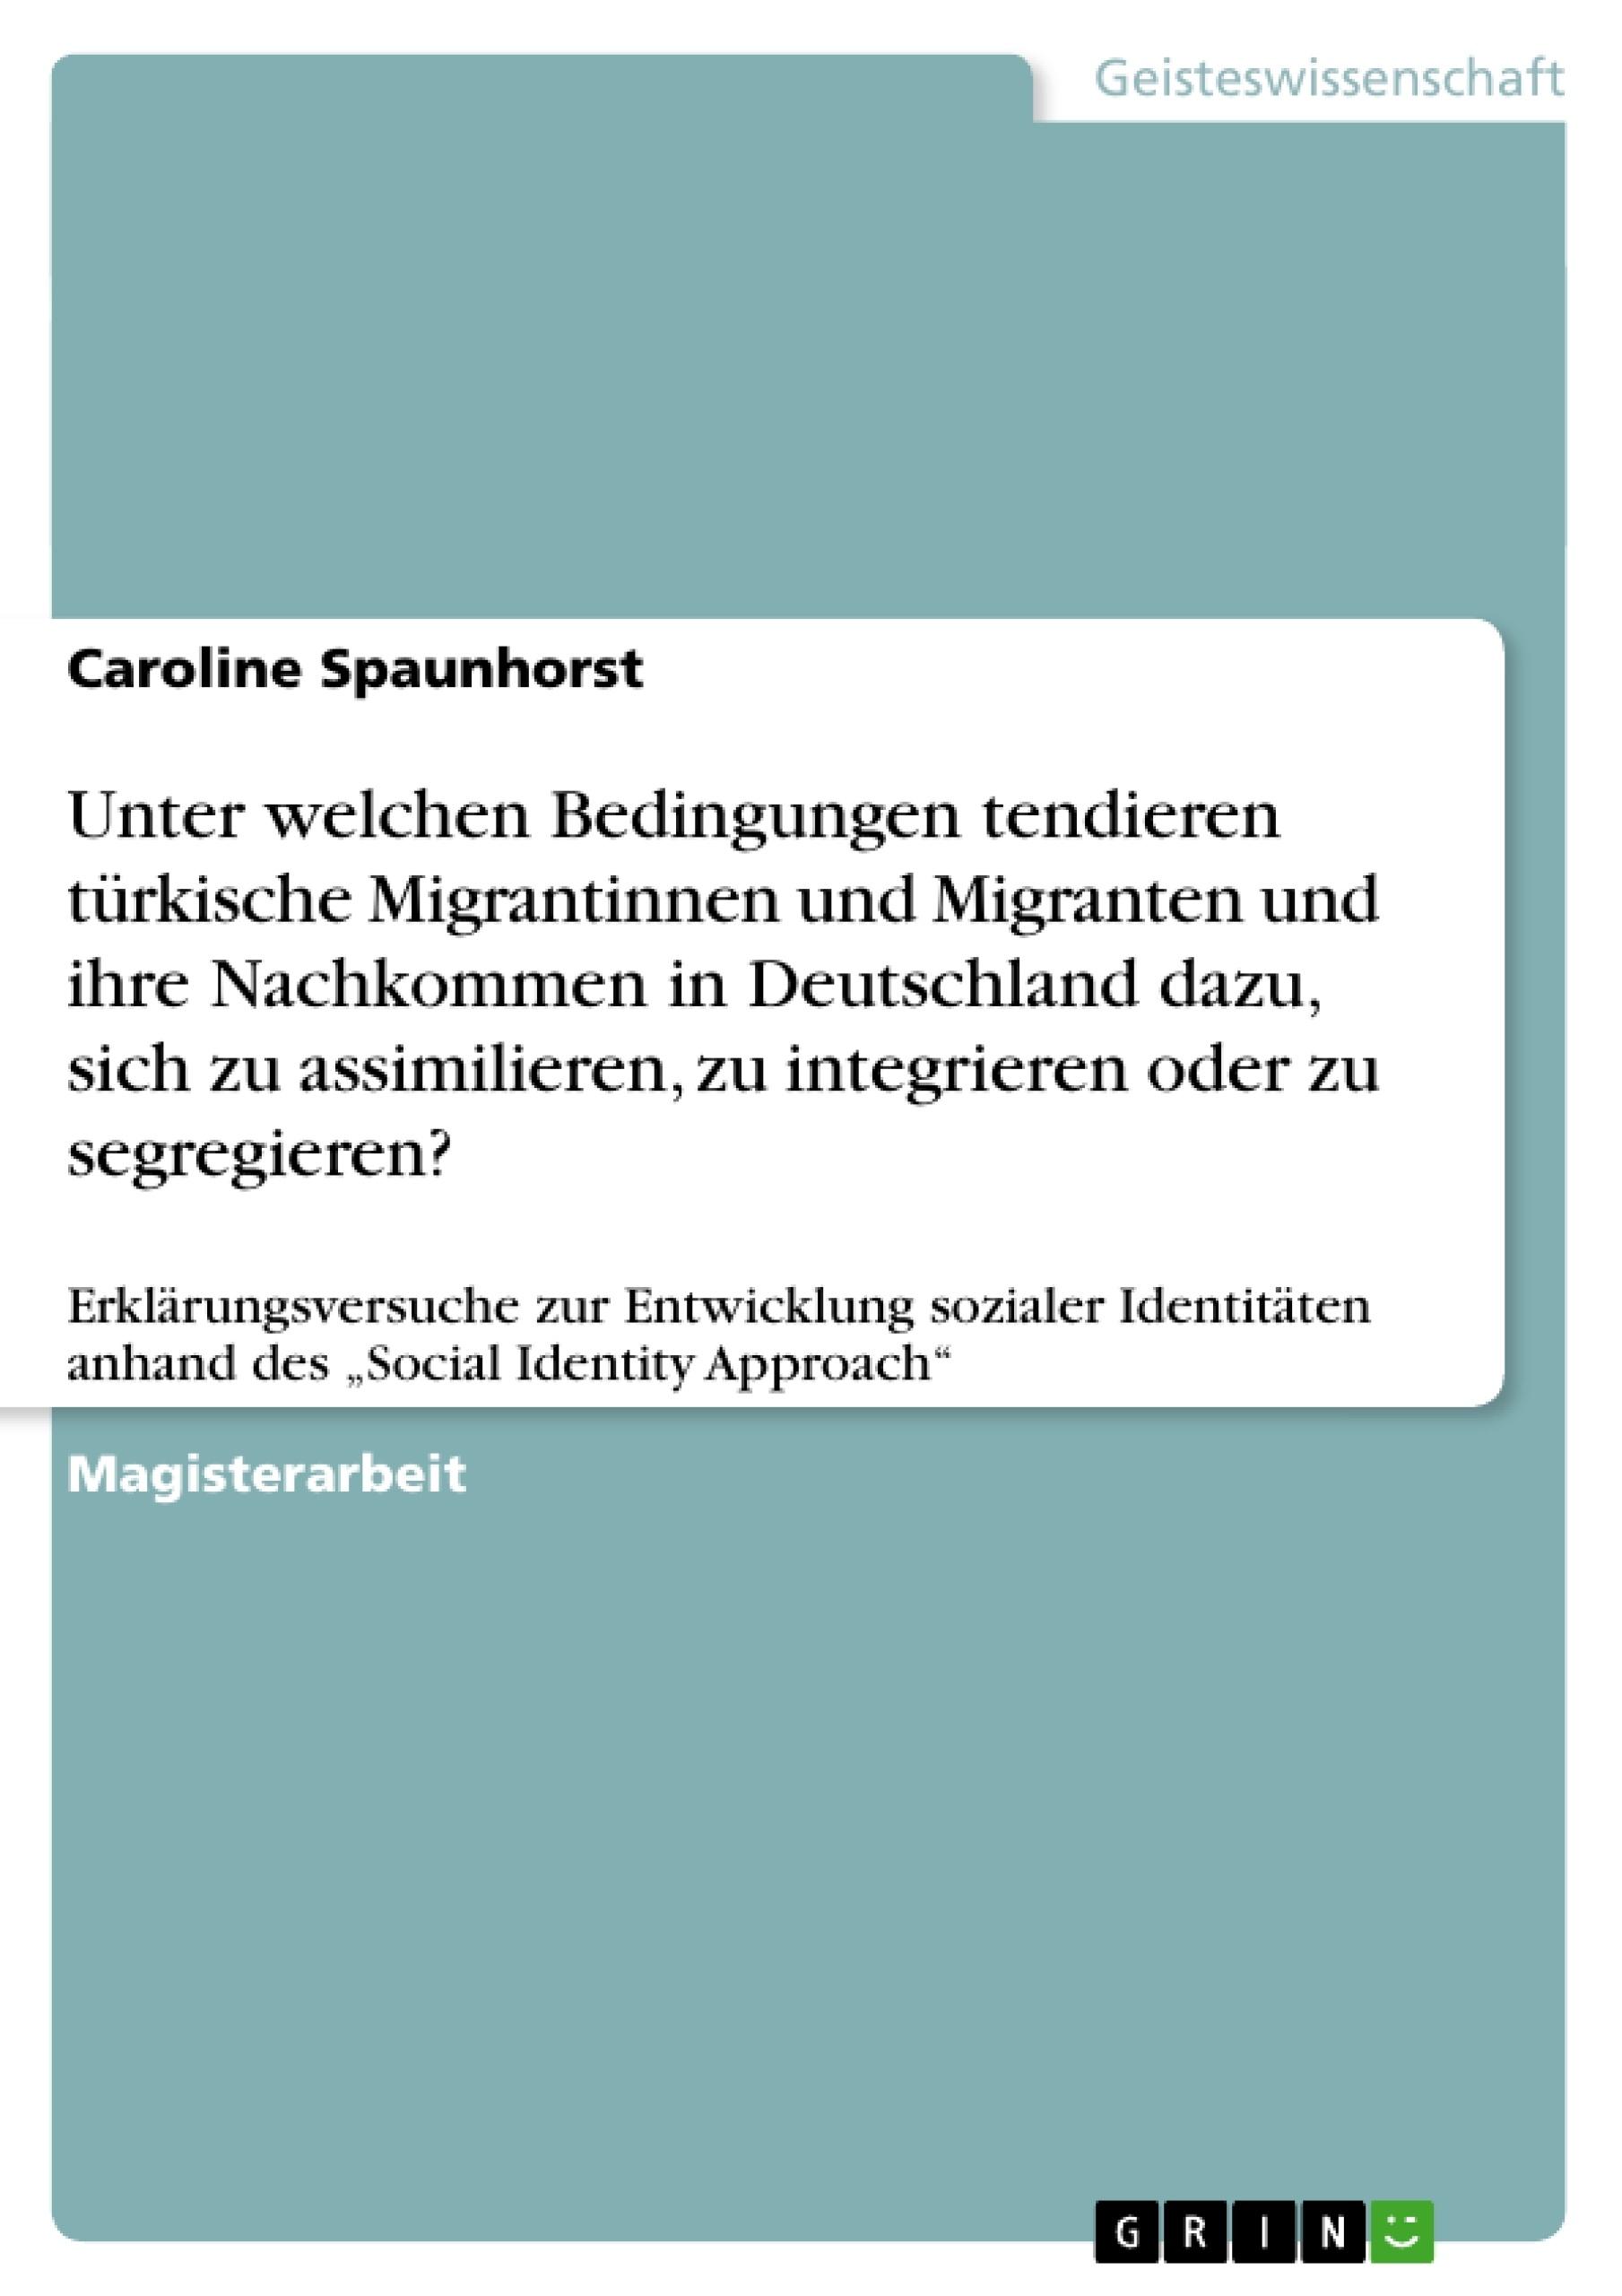 Titel: Unter welchen Bedingungen tendieren türkische Migrantinnen und Migranten und ihre Nachkommen in Deutschland dazu, sich zu assimilieren, zu integrieren oder zu segregieren?